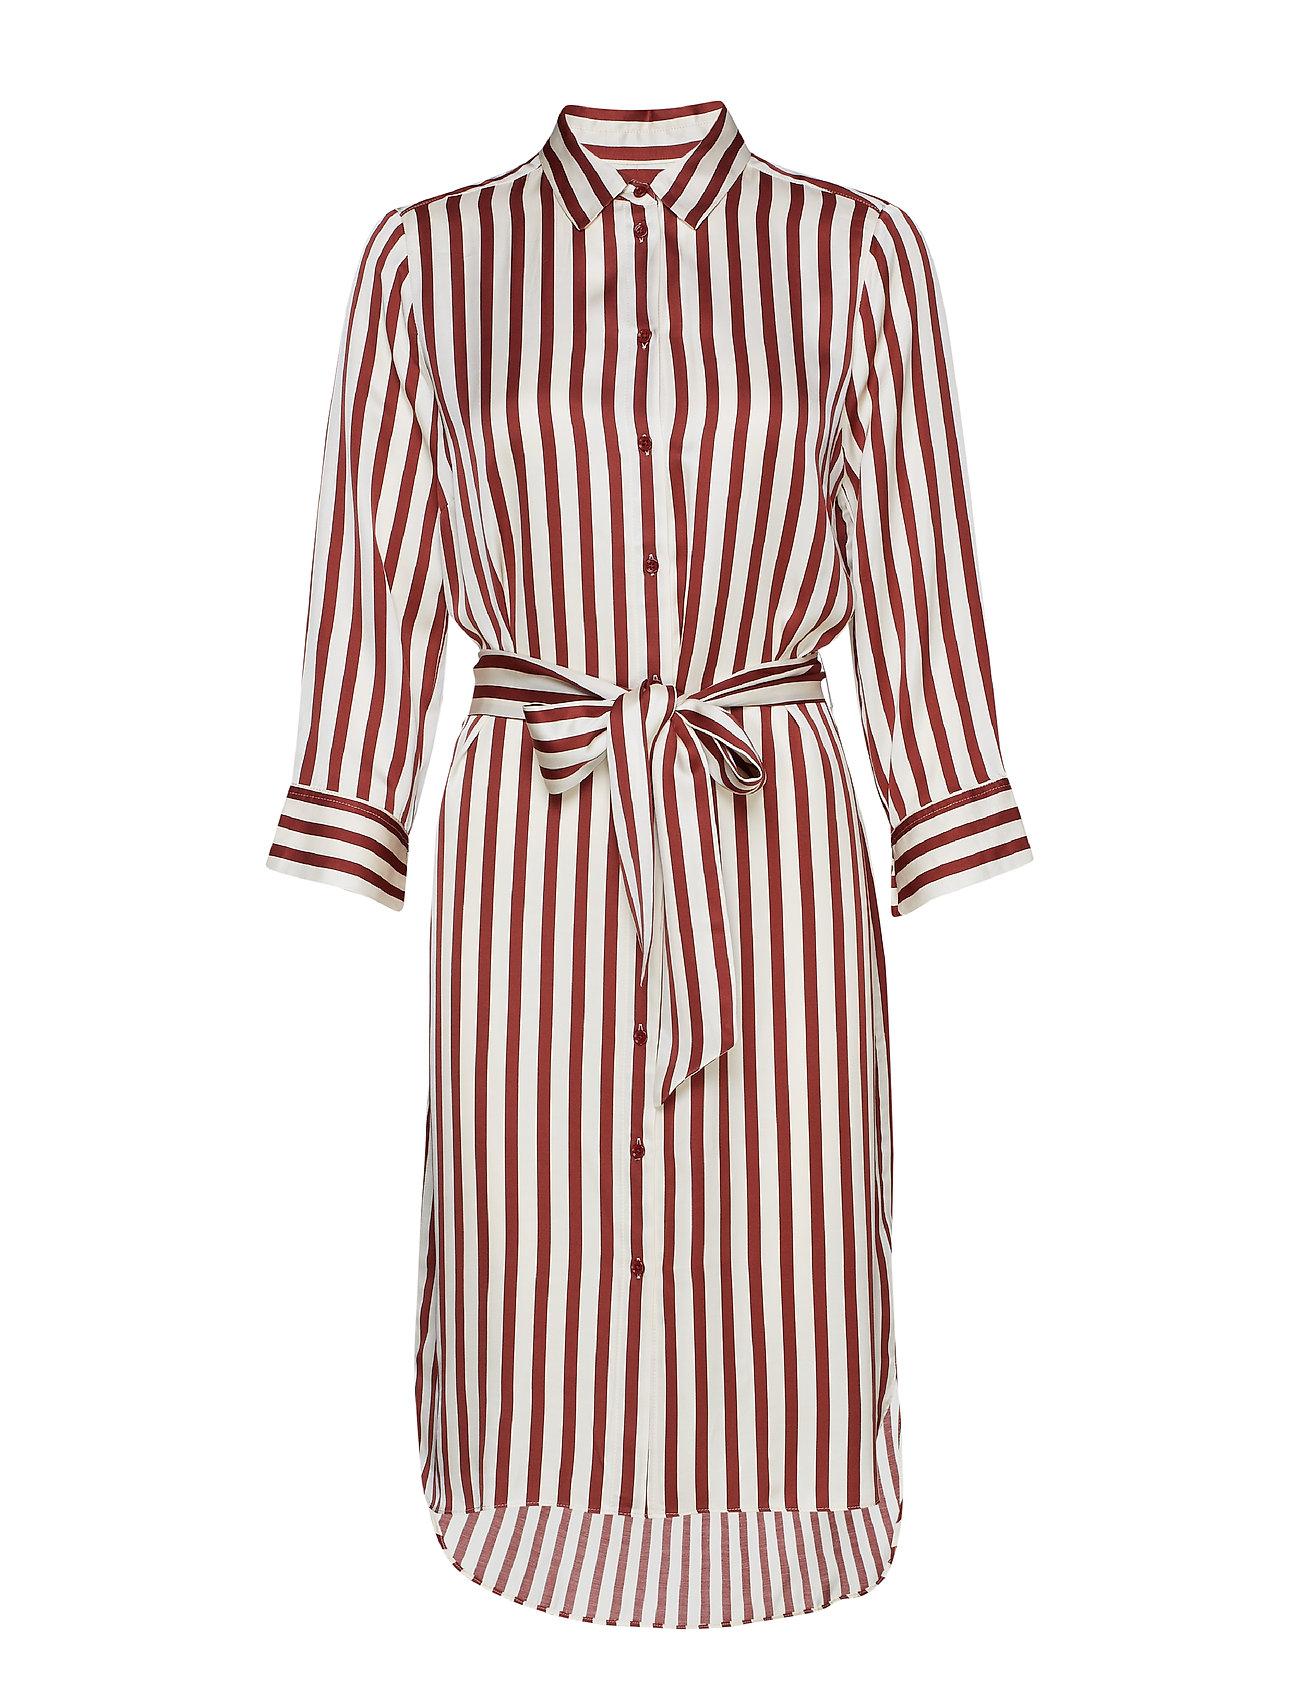 Brown Tamaraiw Dressrusset Dressrusset Tamaraiw Block StripeInwear Tamaraiw Block StripeInwear Brown zVpqUMS